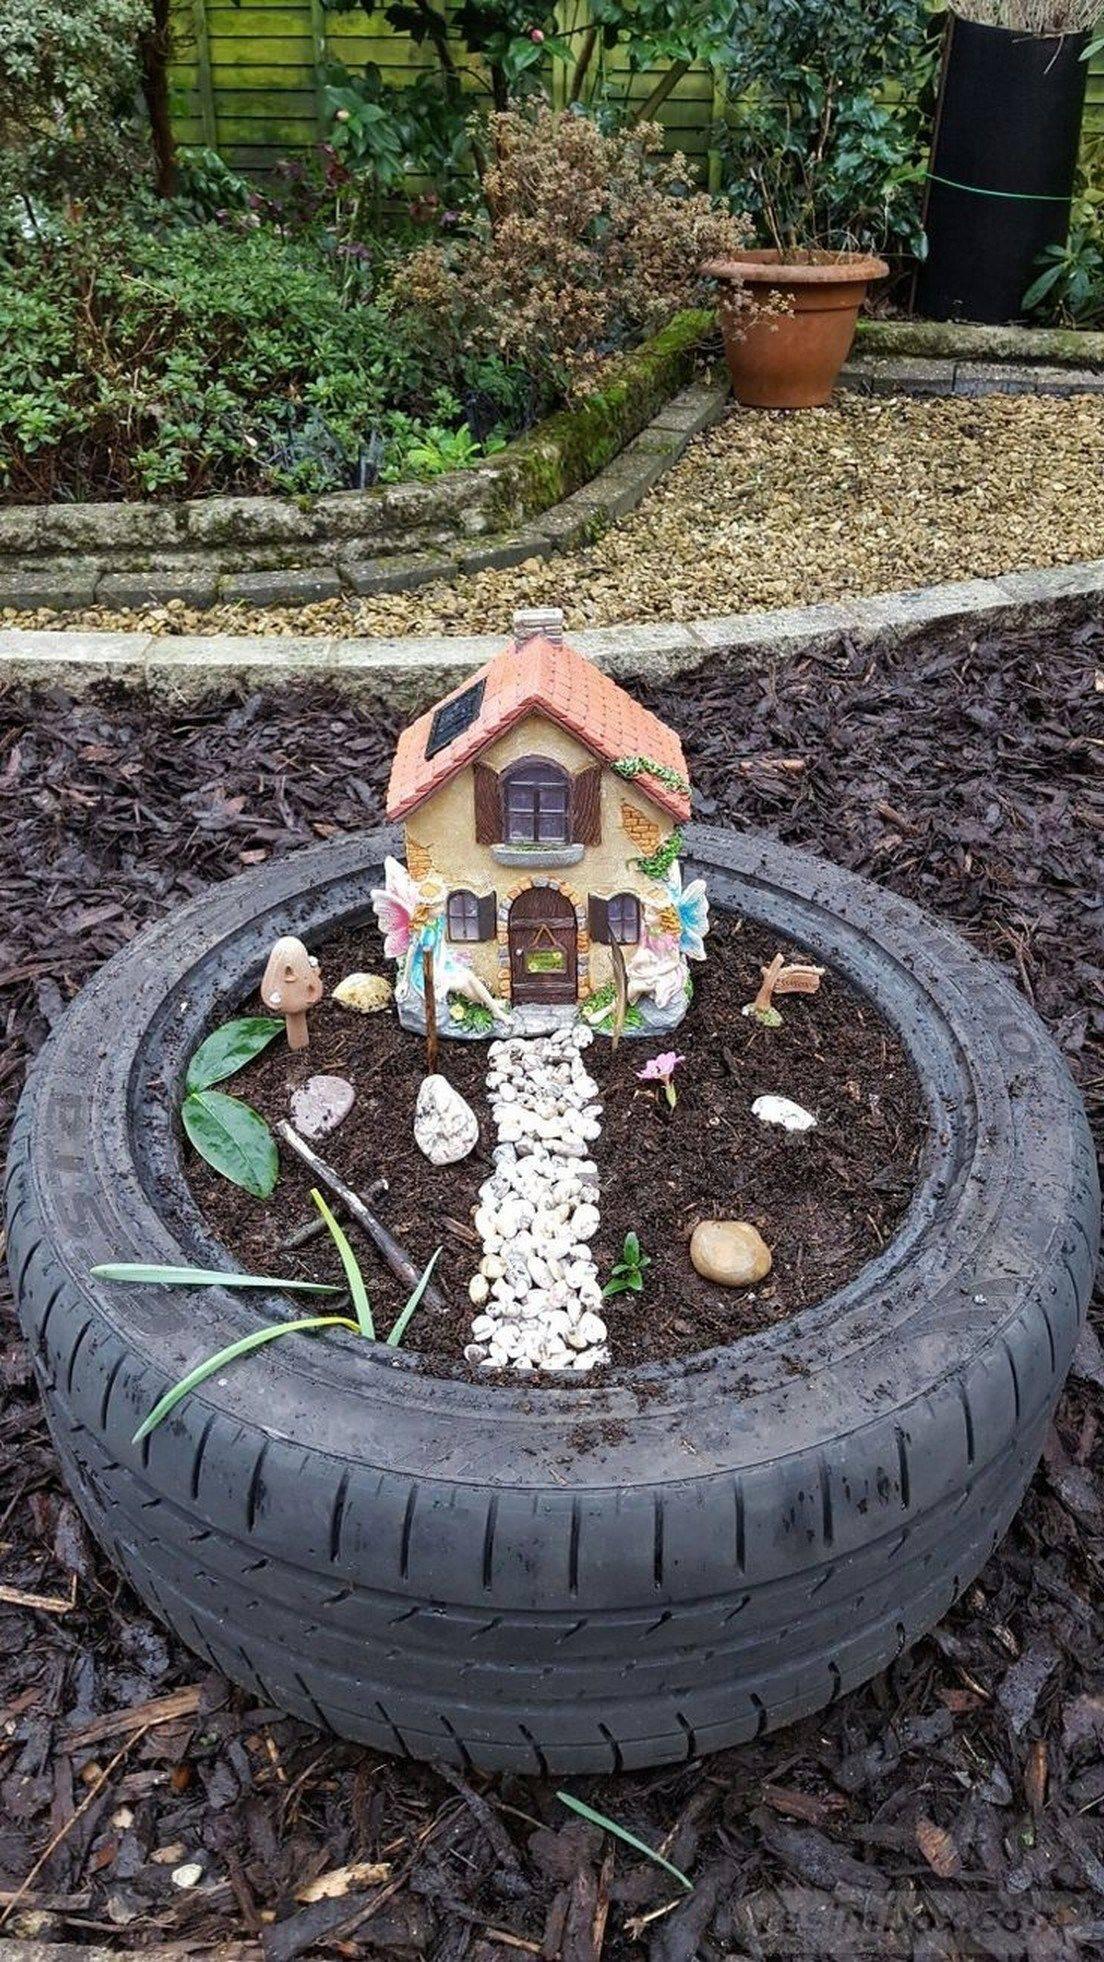 creative garden ideas-85990674121575765